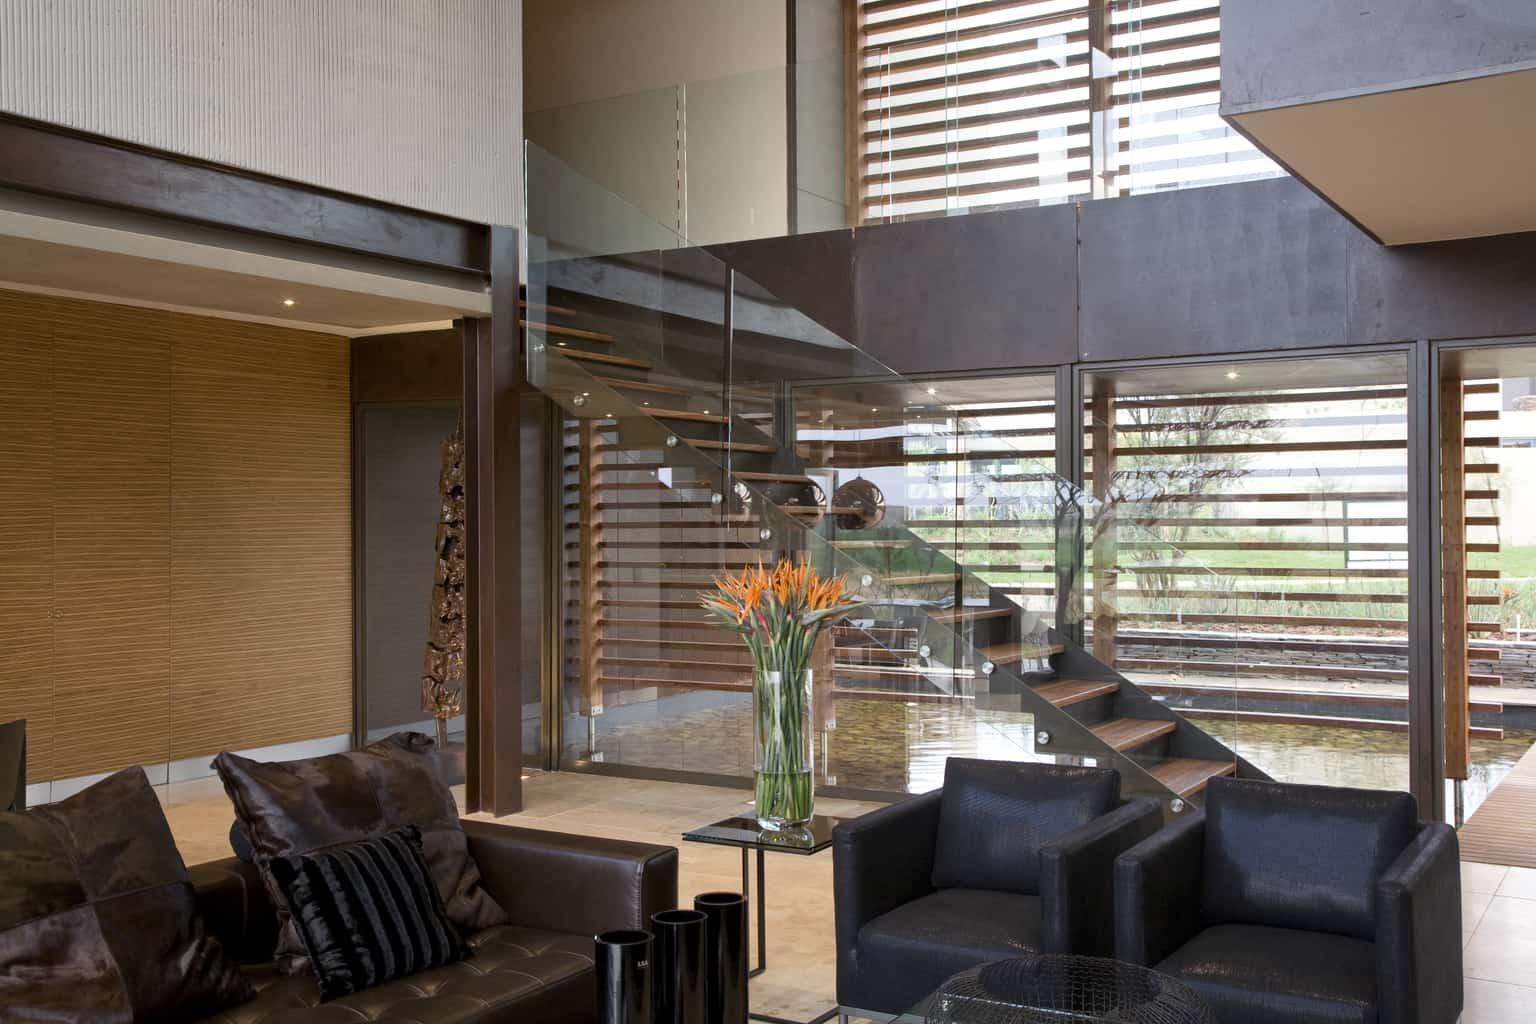 serengeti designed by rudolph van der meulen 139